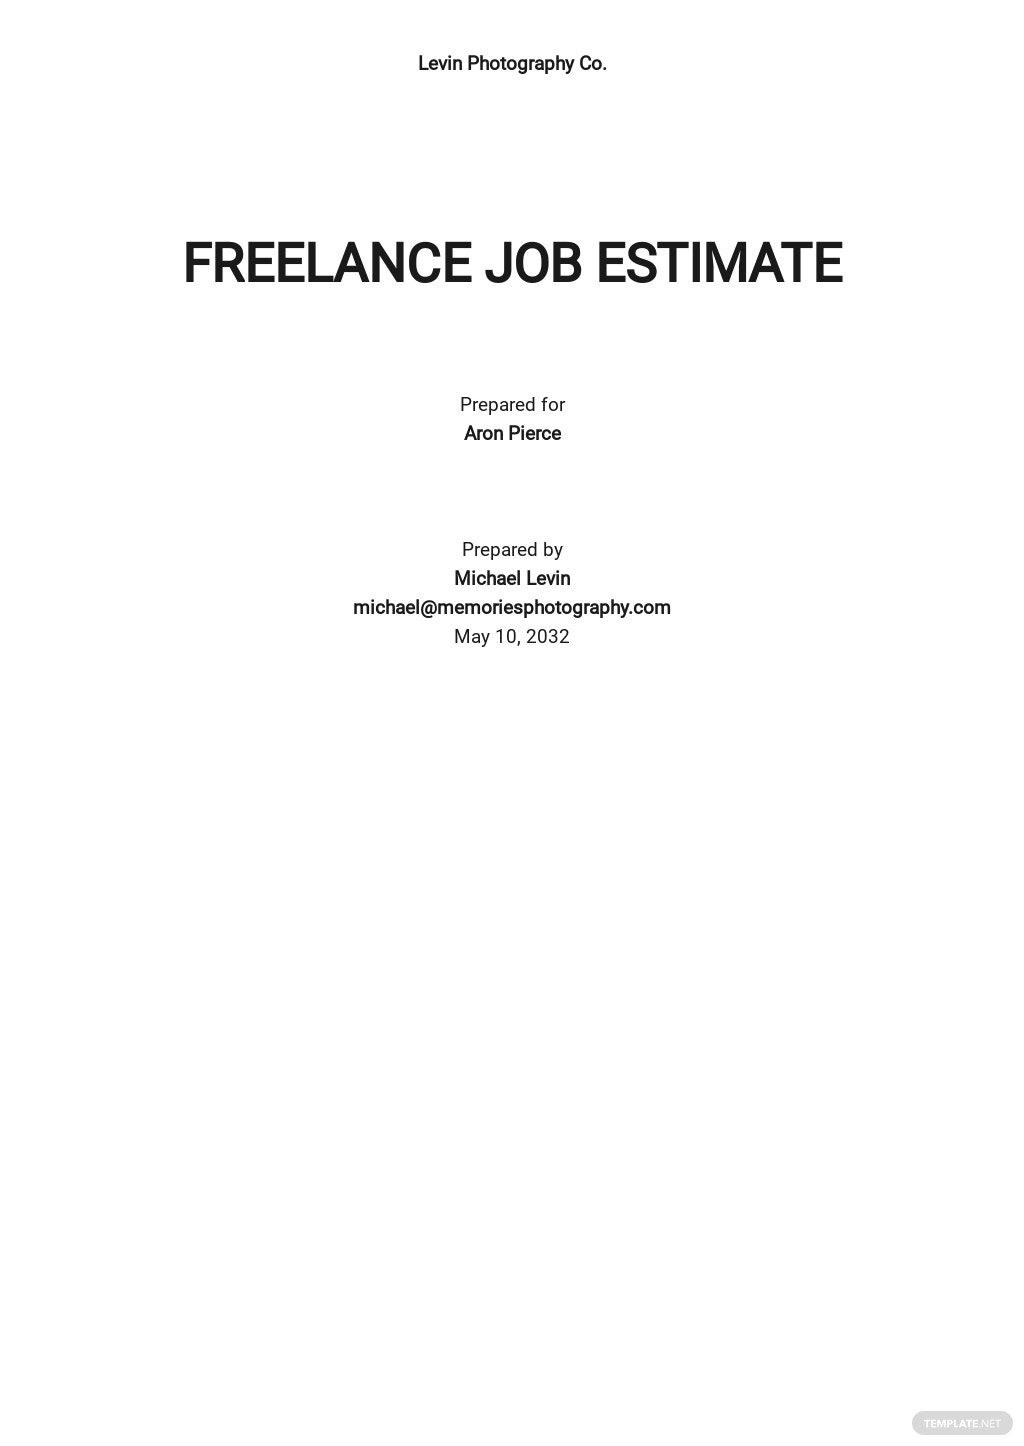 Freelance Job Estimate Template.jpe